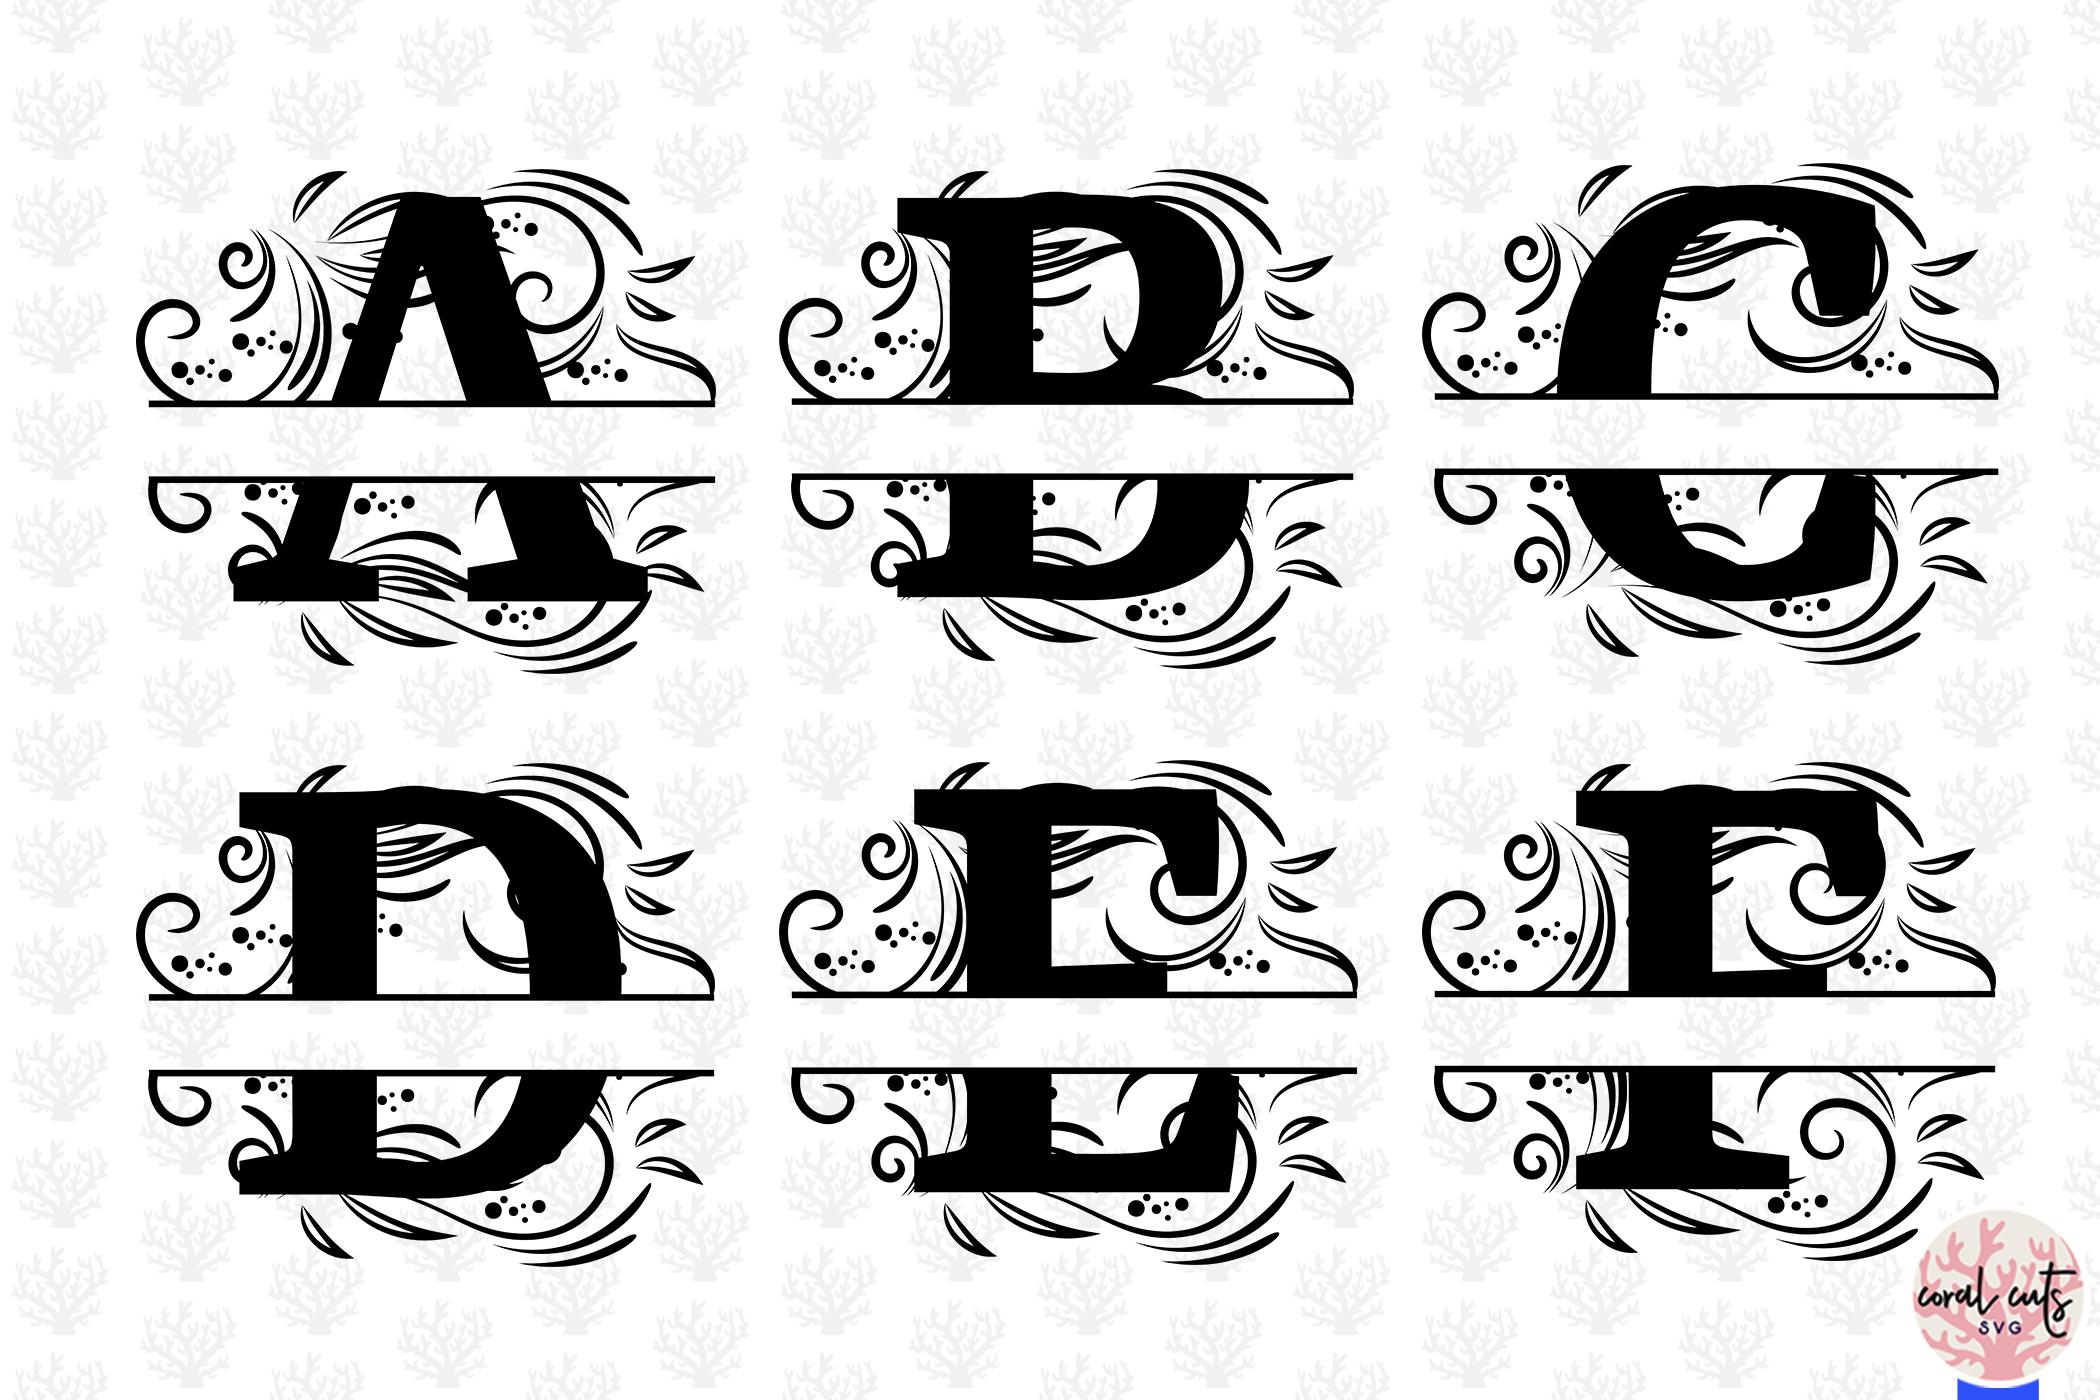 Floral Split Alphabet Monogram - Svg EPS DXF PNG File example image 2